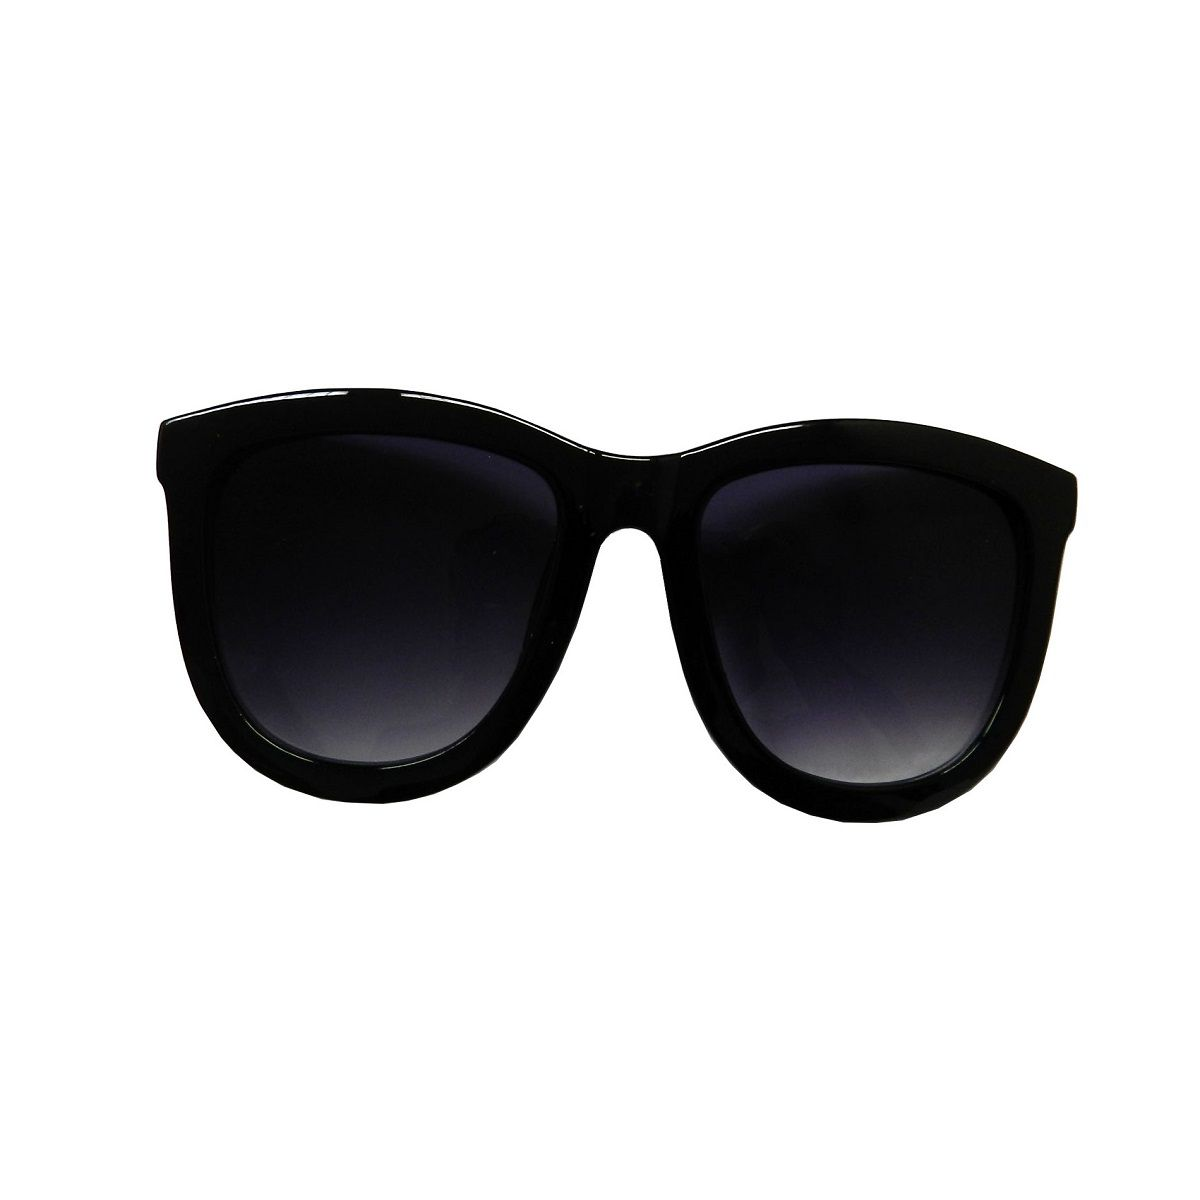 Óculos de sol com proteção UV D029 - Koffer